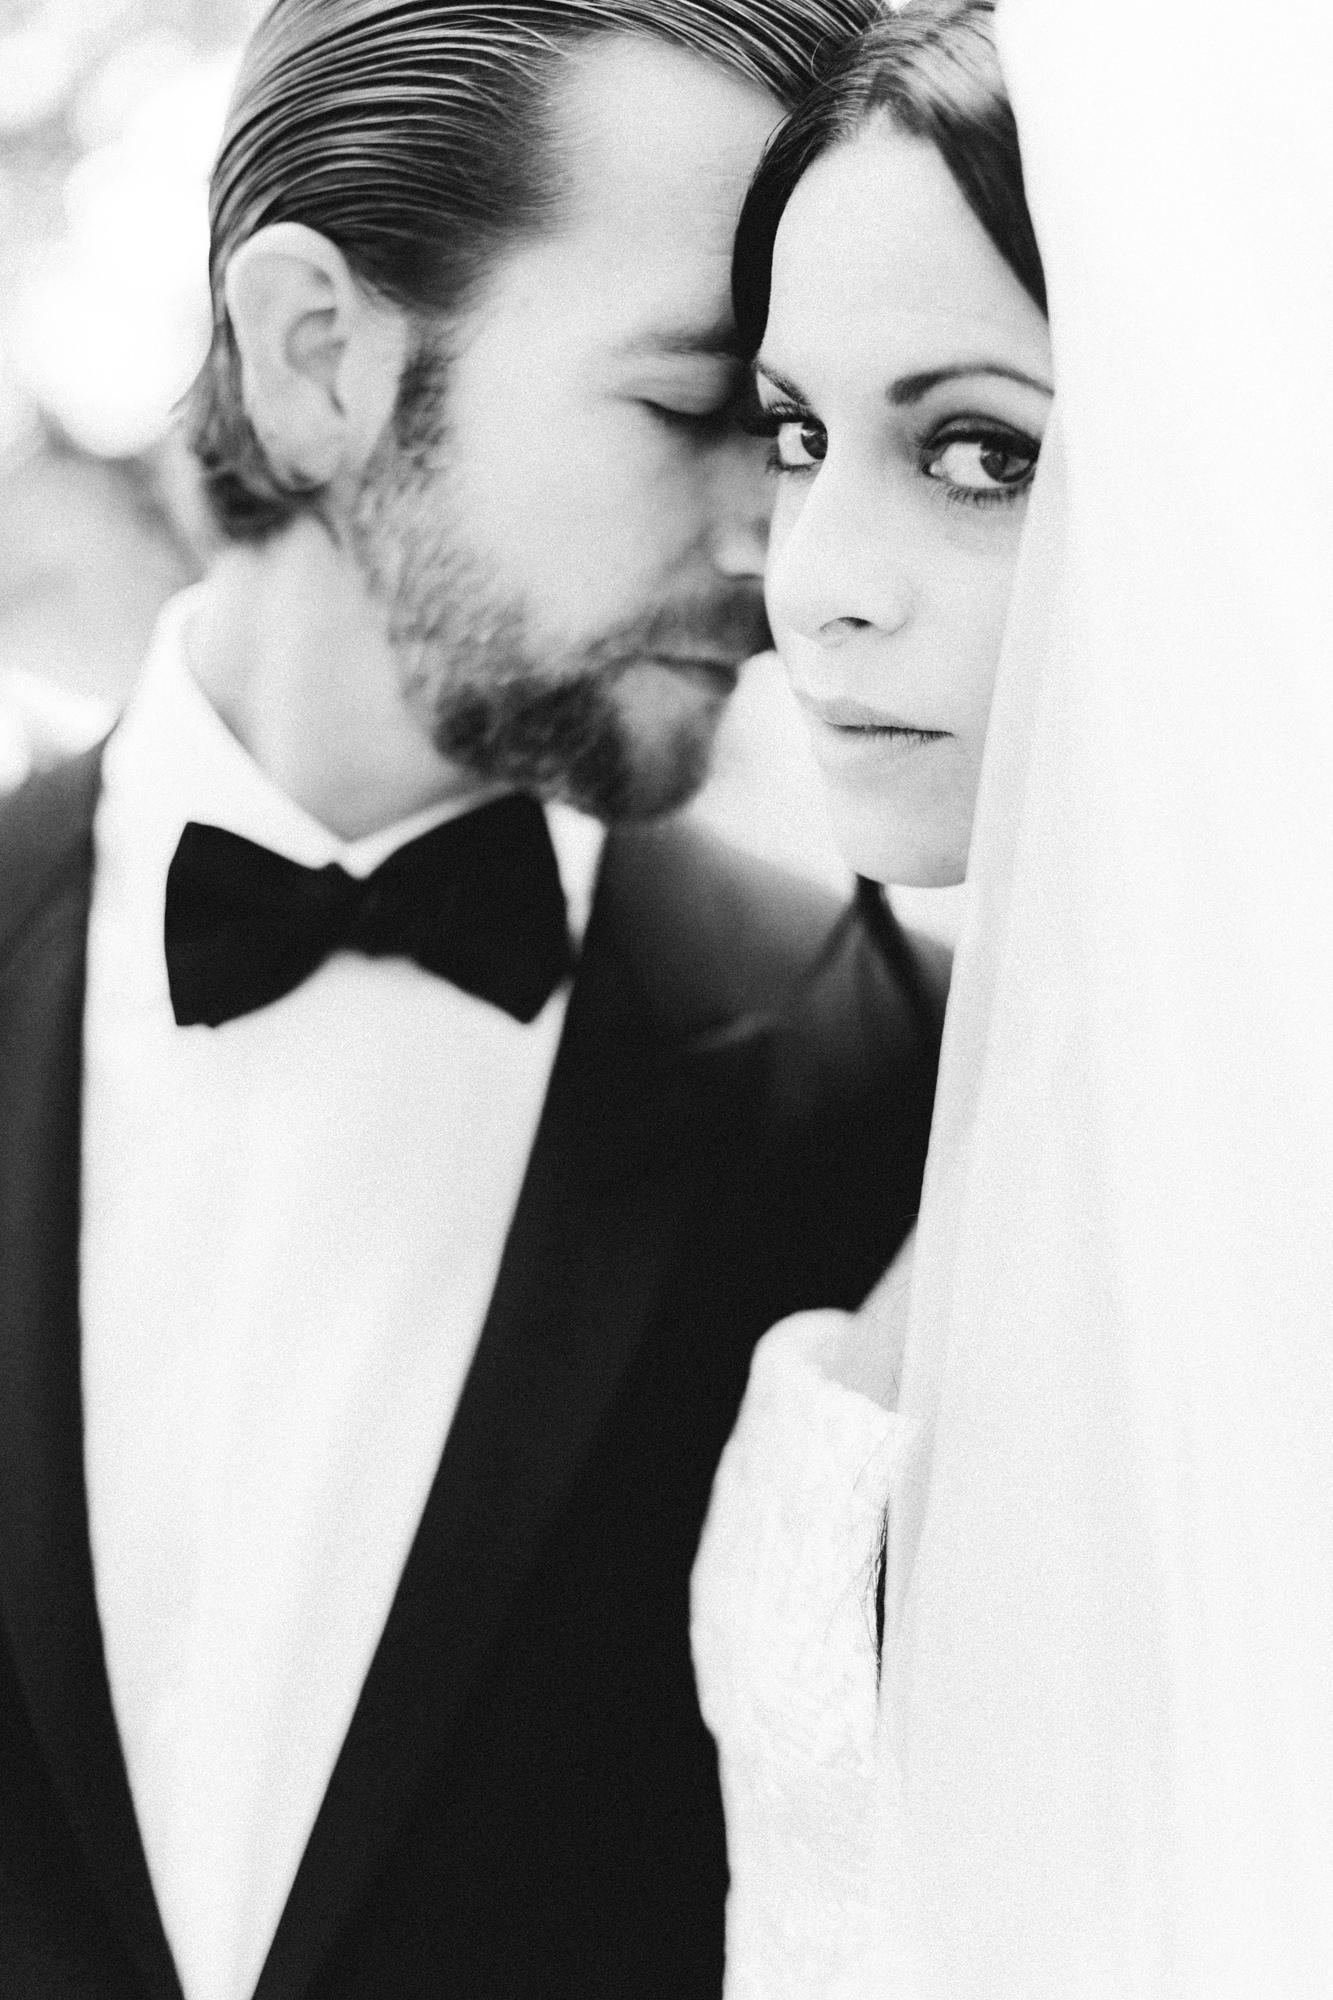 SAMMBLAKE_LOSANGELES_PARAMOUR_ESTATE_WEDDING_JSAW_0494.jpg